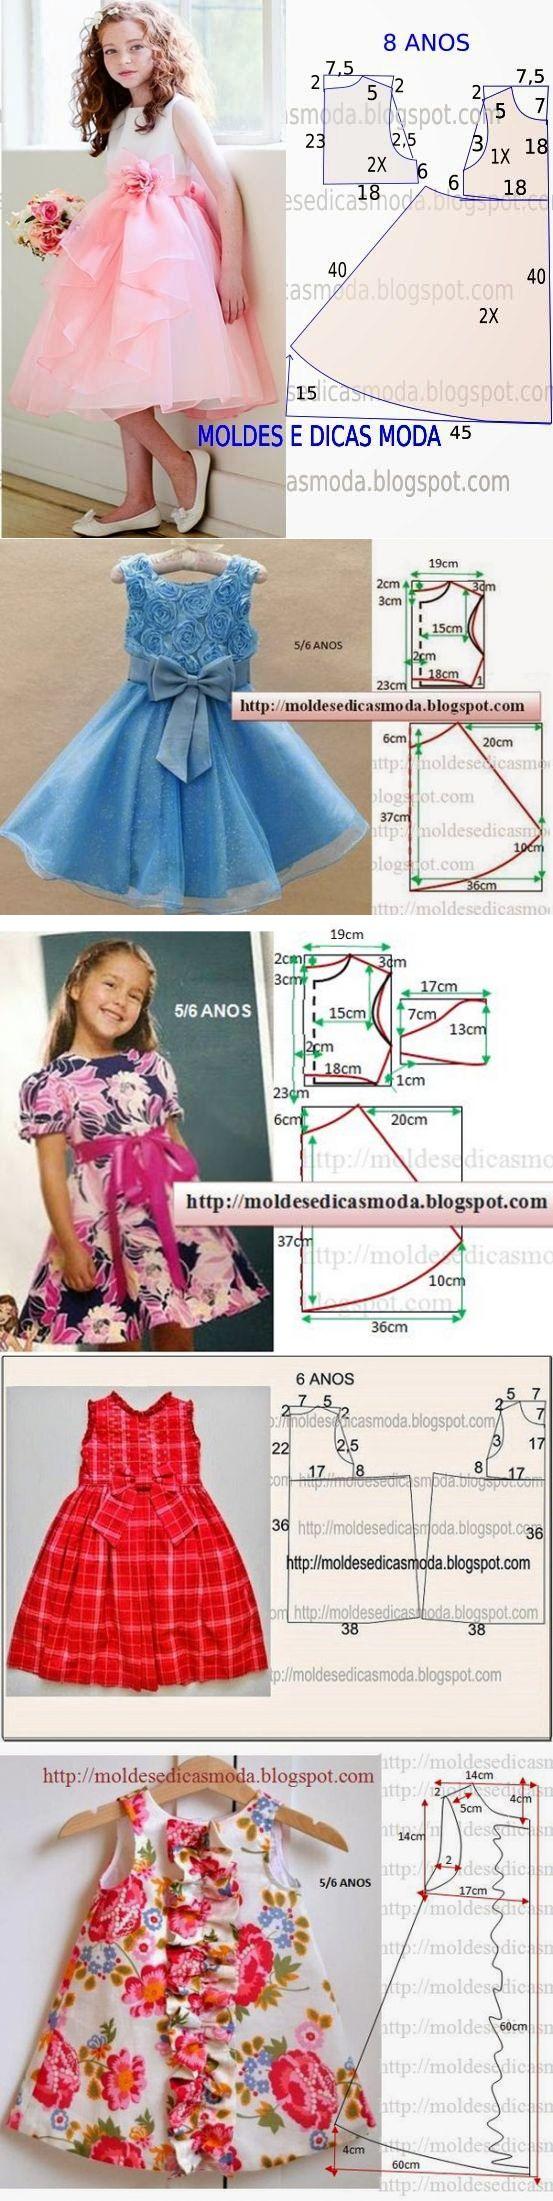 Шьем платья для девочек (5 фото)   WmnDay.ru - Handmade, фитнес, интерьеры